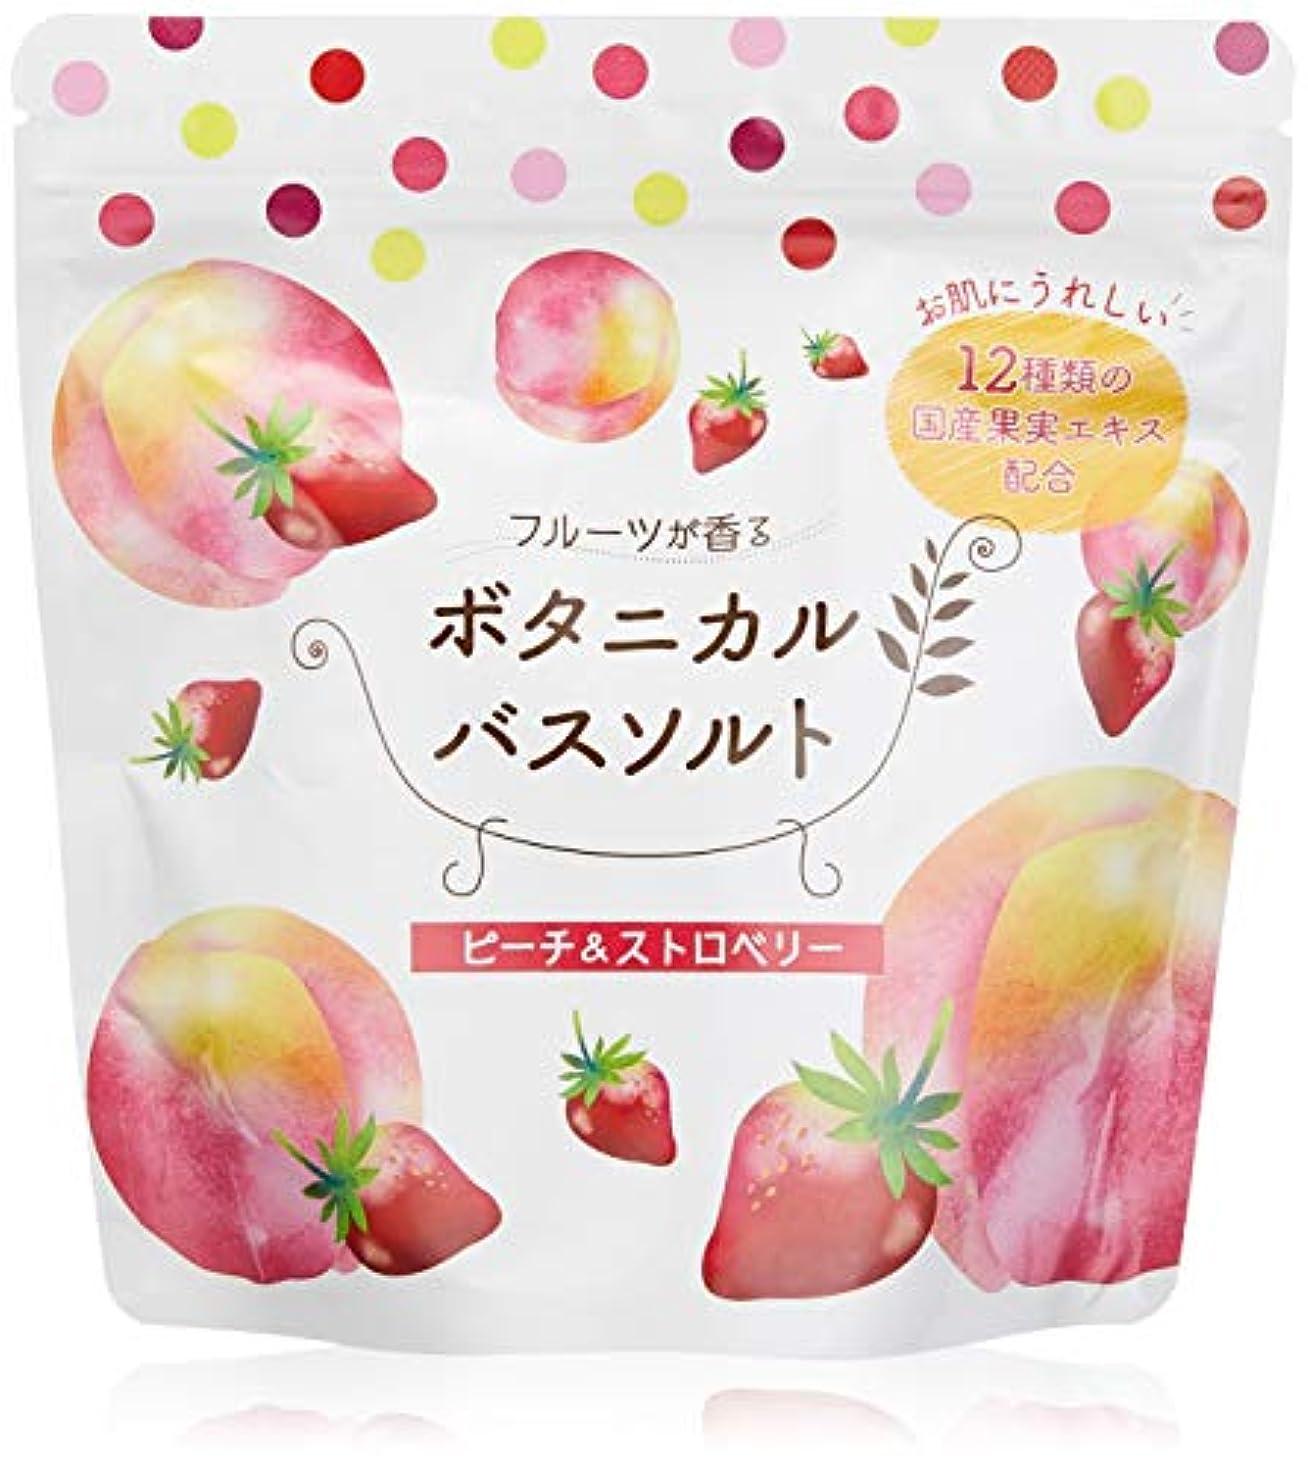 無数の穿孔するアッティカス松田医薬品 フルーツが香るボタニカルバスソルト ピーチ&ストロベリー 450g